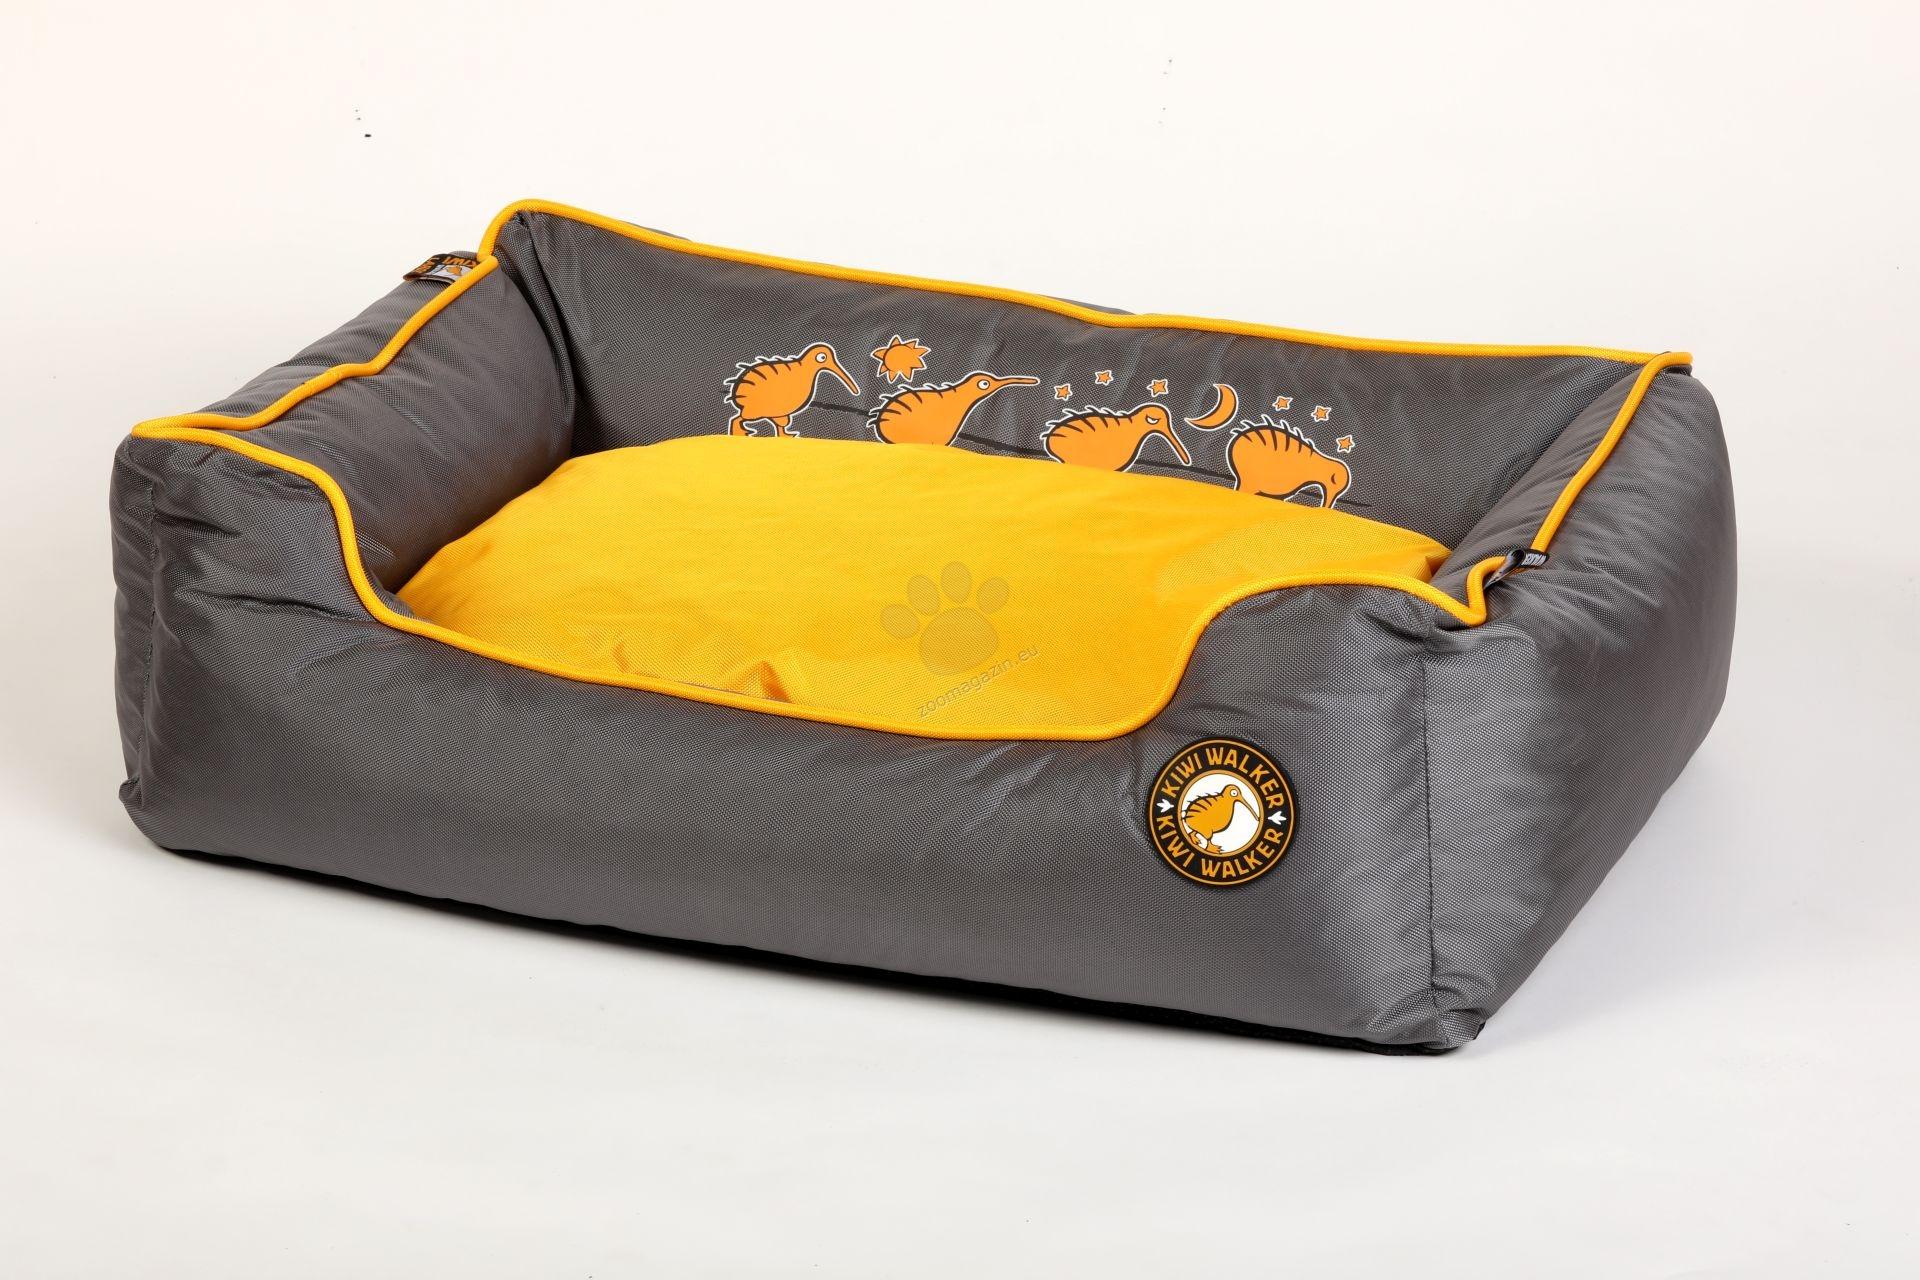 Kiwi Walker Bed Running S - ортопедично легло с мемори пяна 45 / 35 / 20 см. / розов, оранжев, зелен /